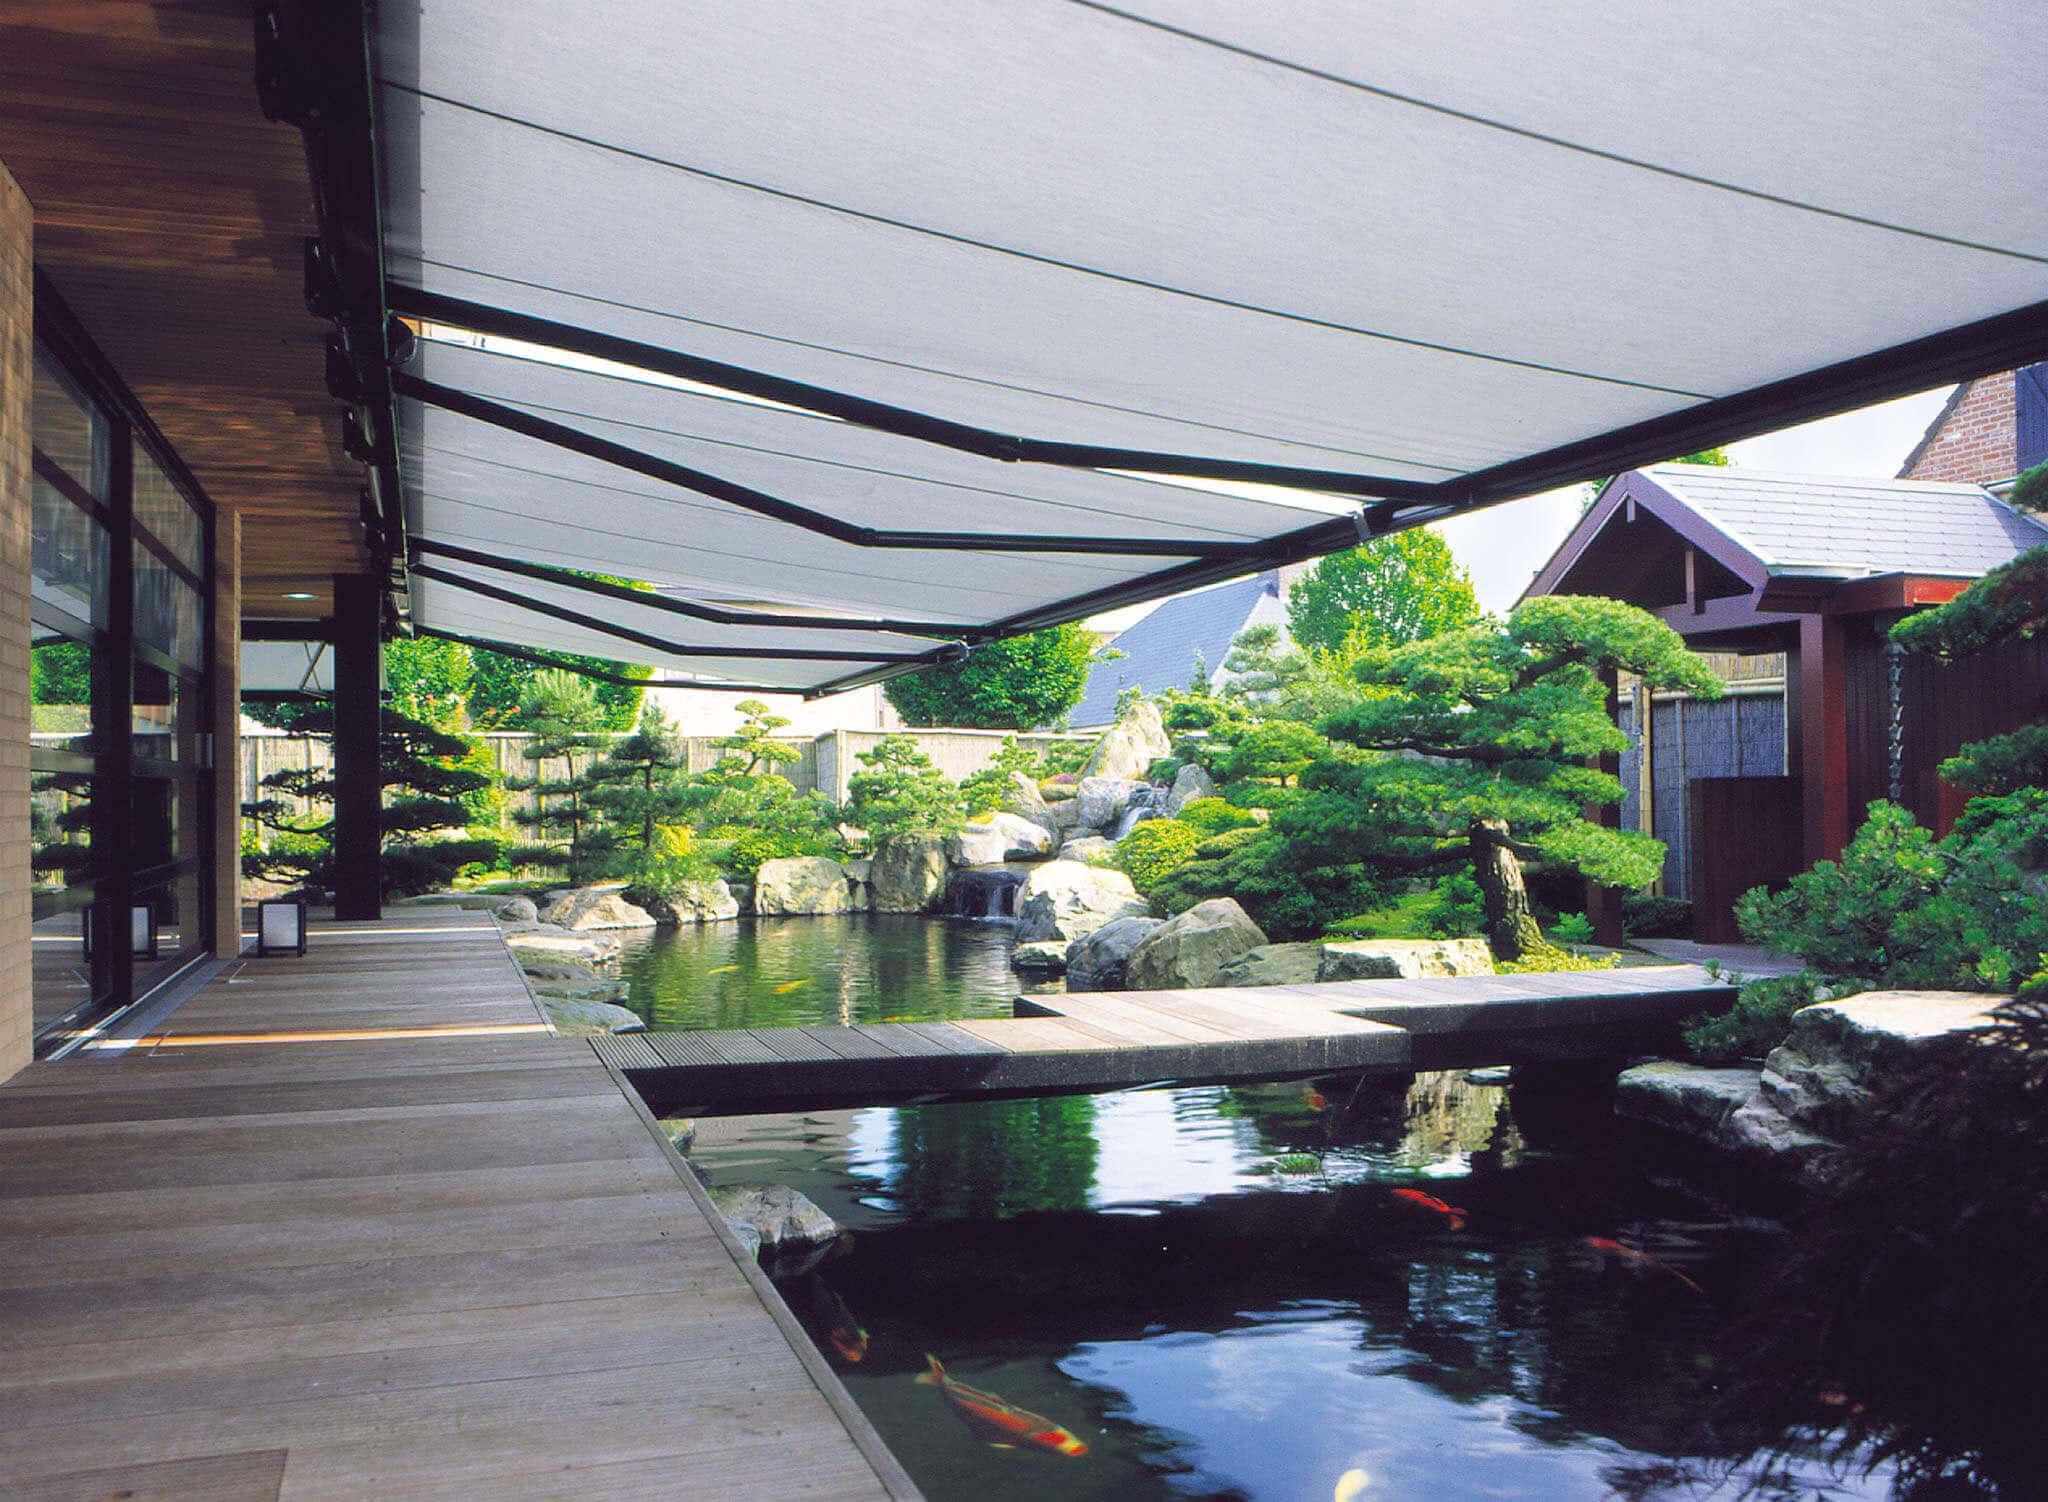 Große Markise, die aus mehreren Modulen besteht, an einem japanischen Garten